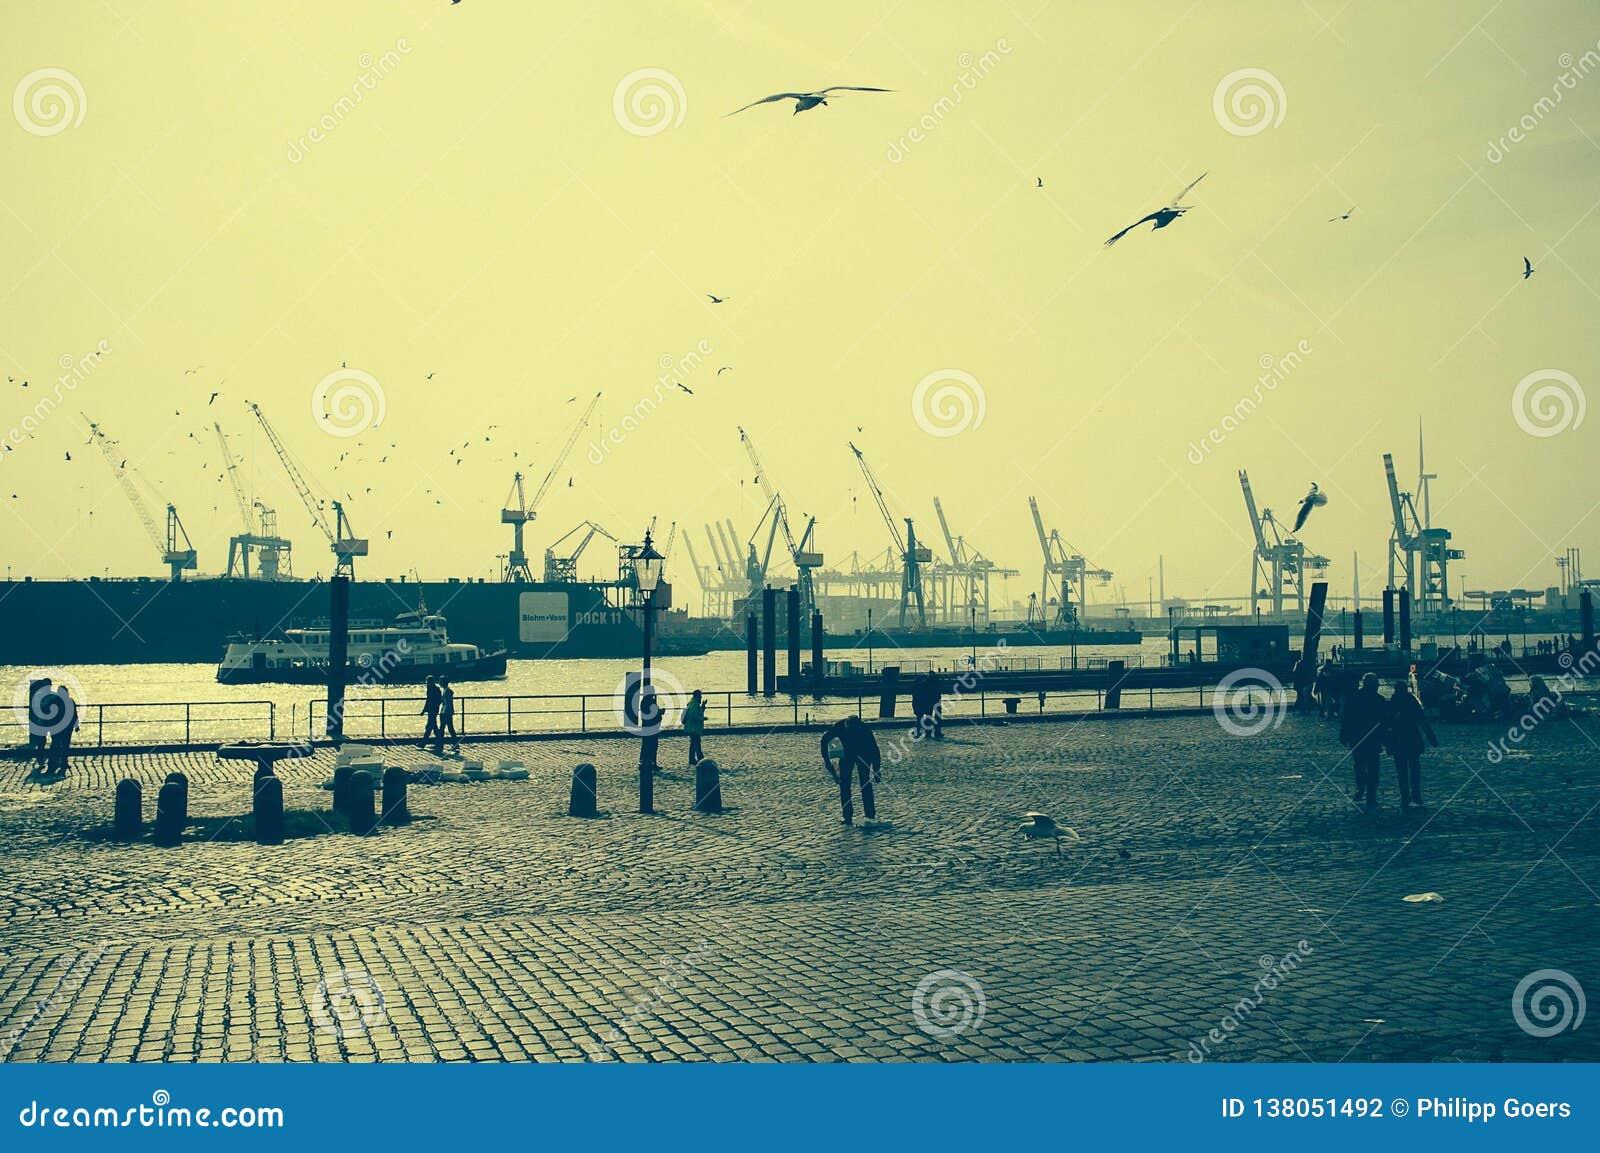 Spezielle Atmosphäre auf dem Fischmarkt in Hamburg mit Blick auf den Hafen